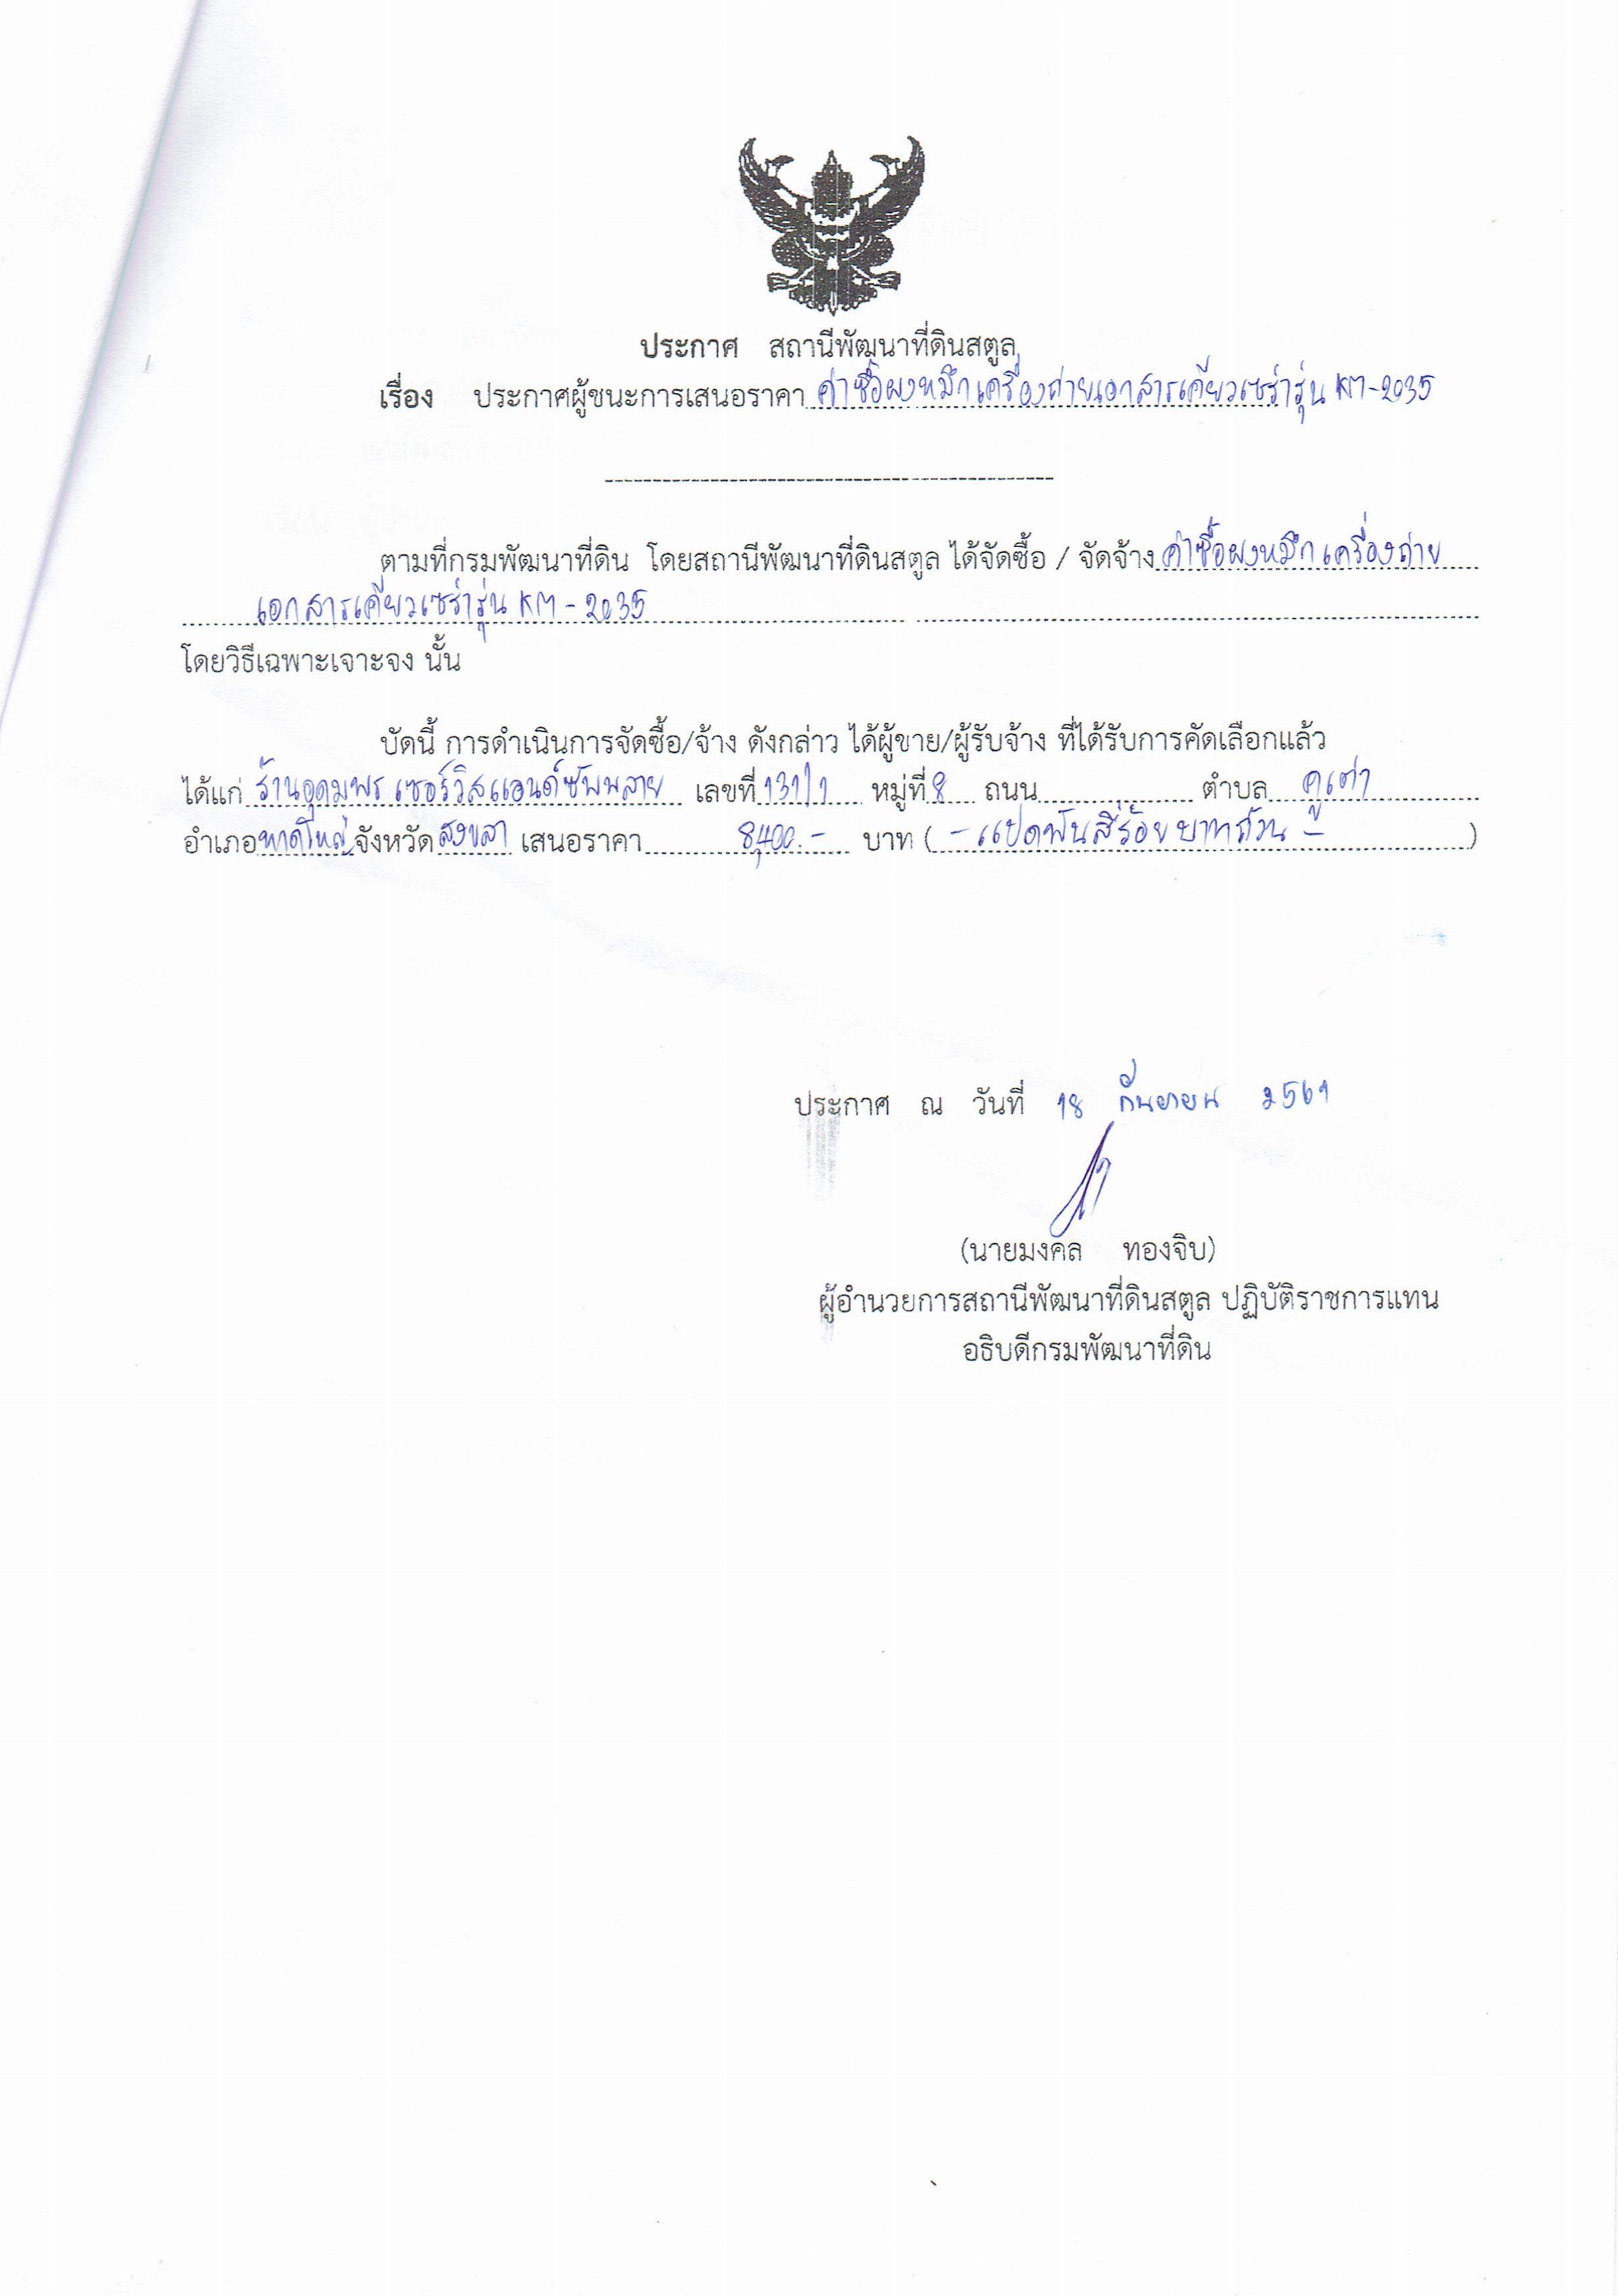 ประกาศผู้ชนะการเสนอราคาค่าซ่อมเครื่องถ่ายเอกสารเคียวเซร่ารุ่น KM-2035 8400 ประกาศ18กย61